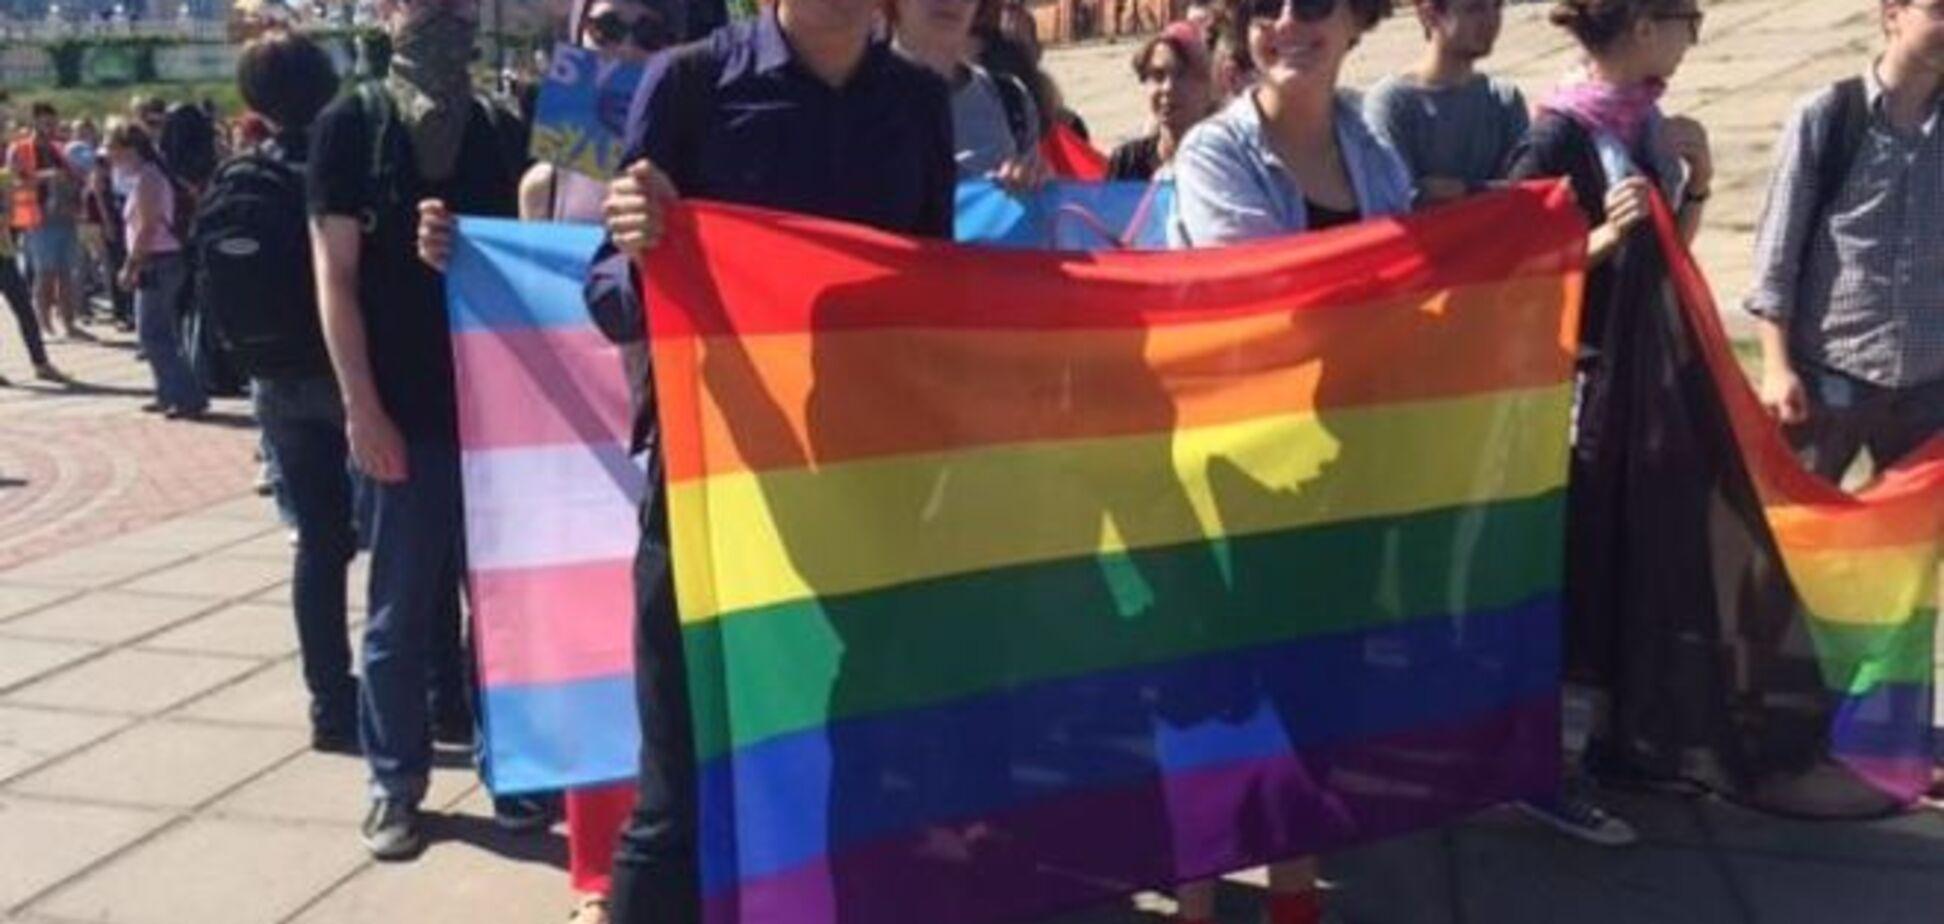 Суд избрал меру пресечения задержанным во время Марша Равенства в Киеве